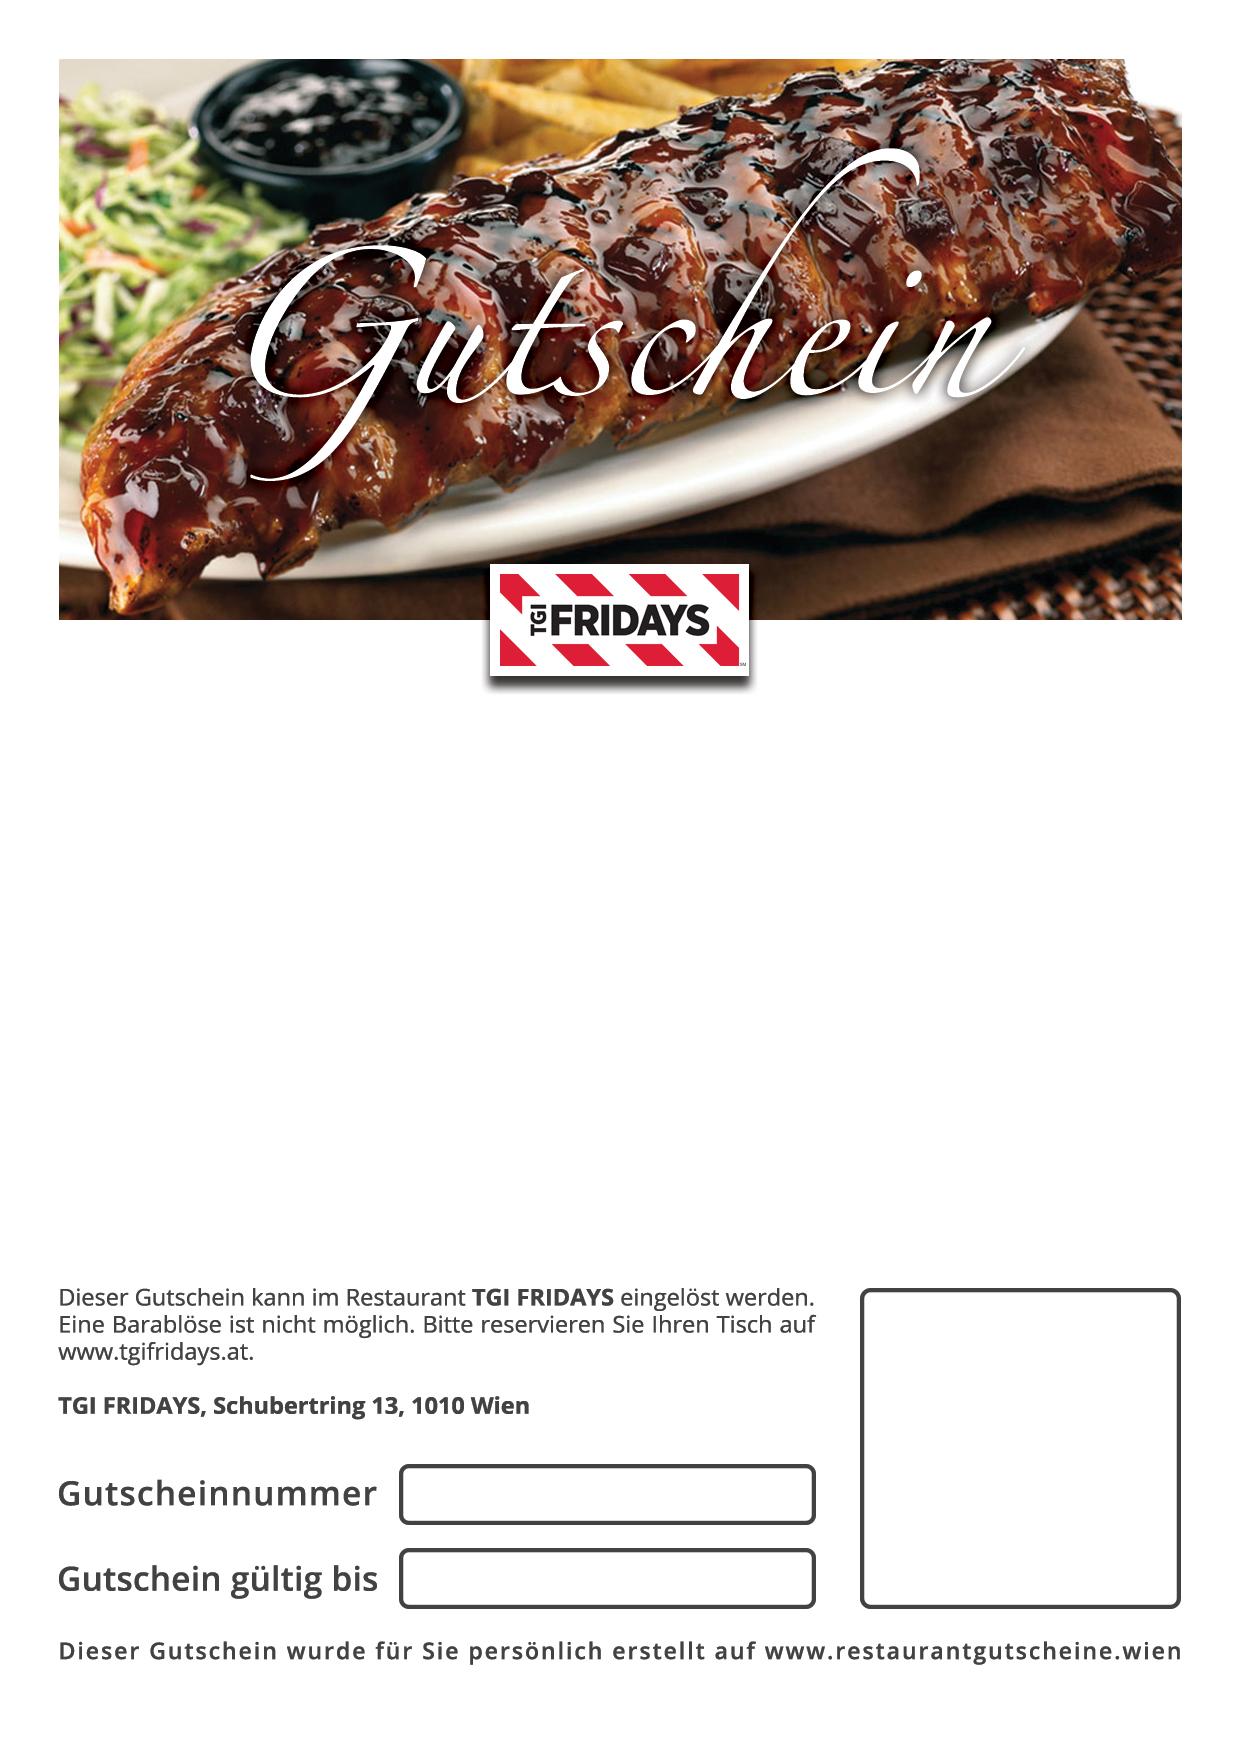 TGI Fridays - Geschenkgutschein zum Selbstausdrucken | Restaurant ...